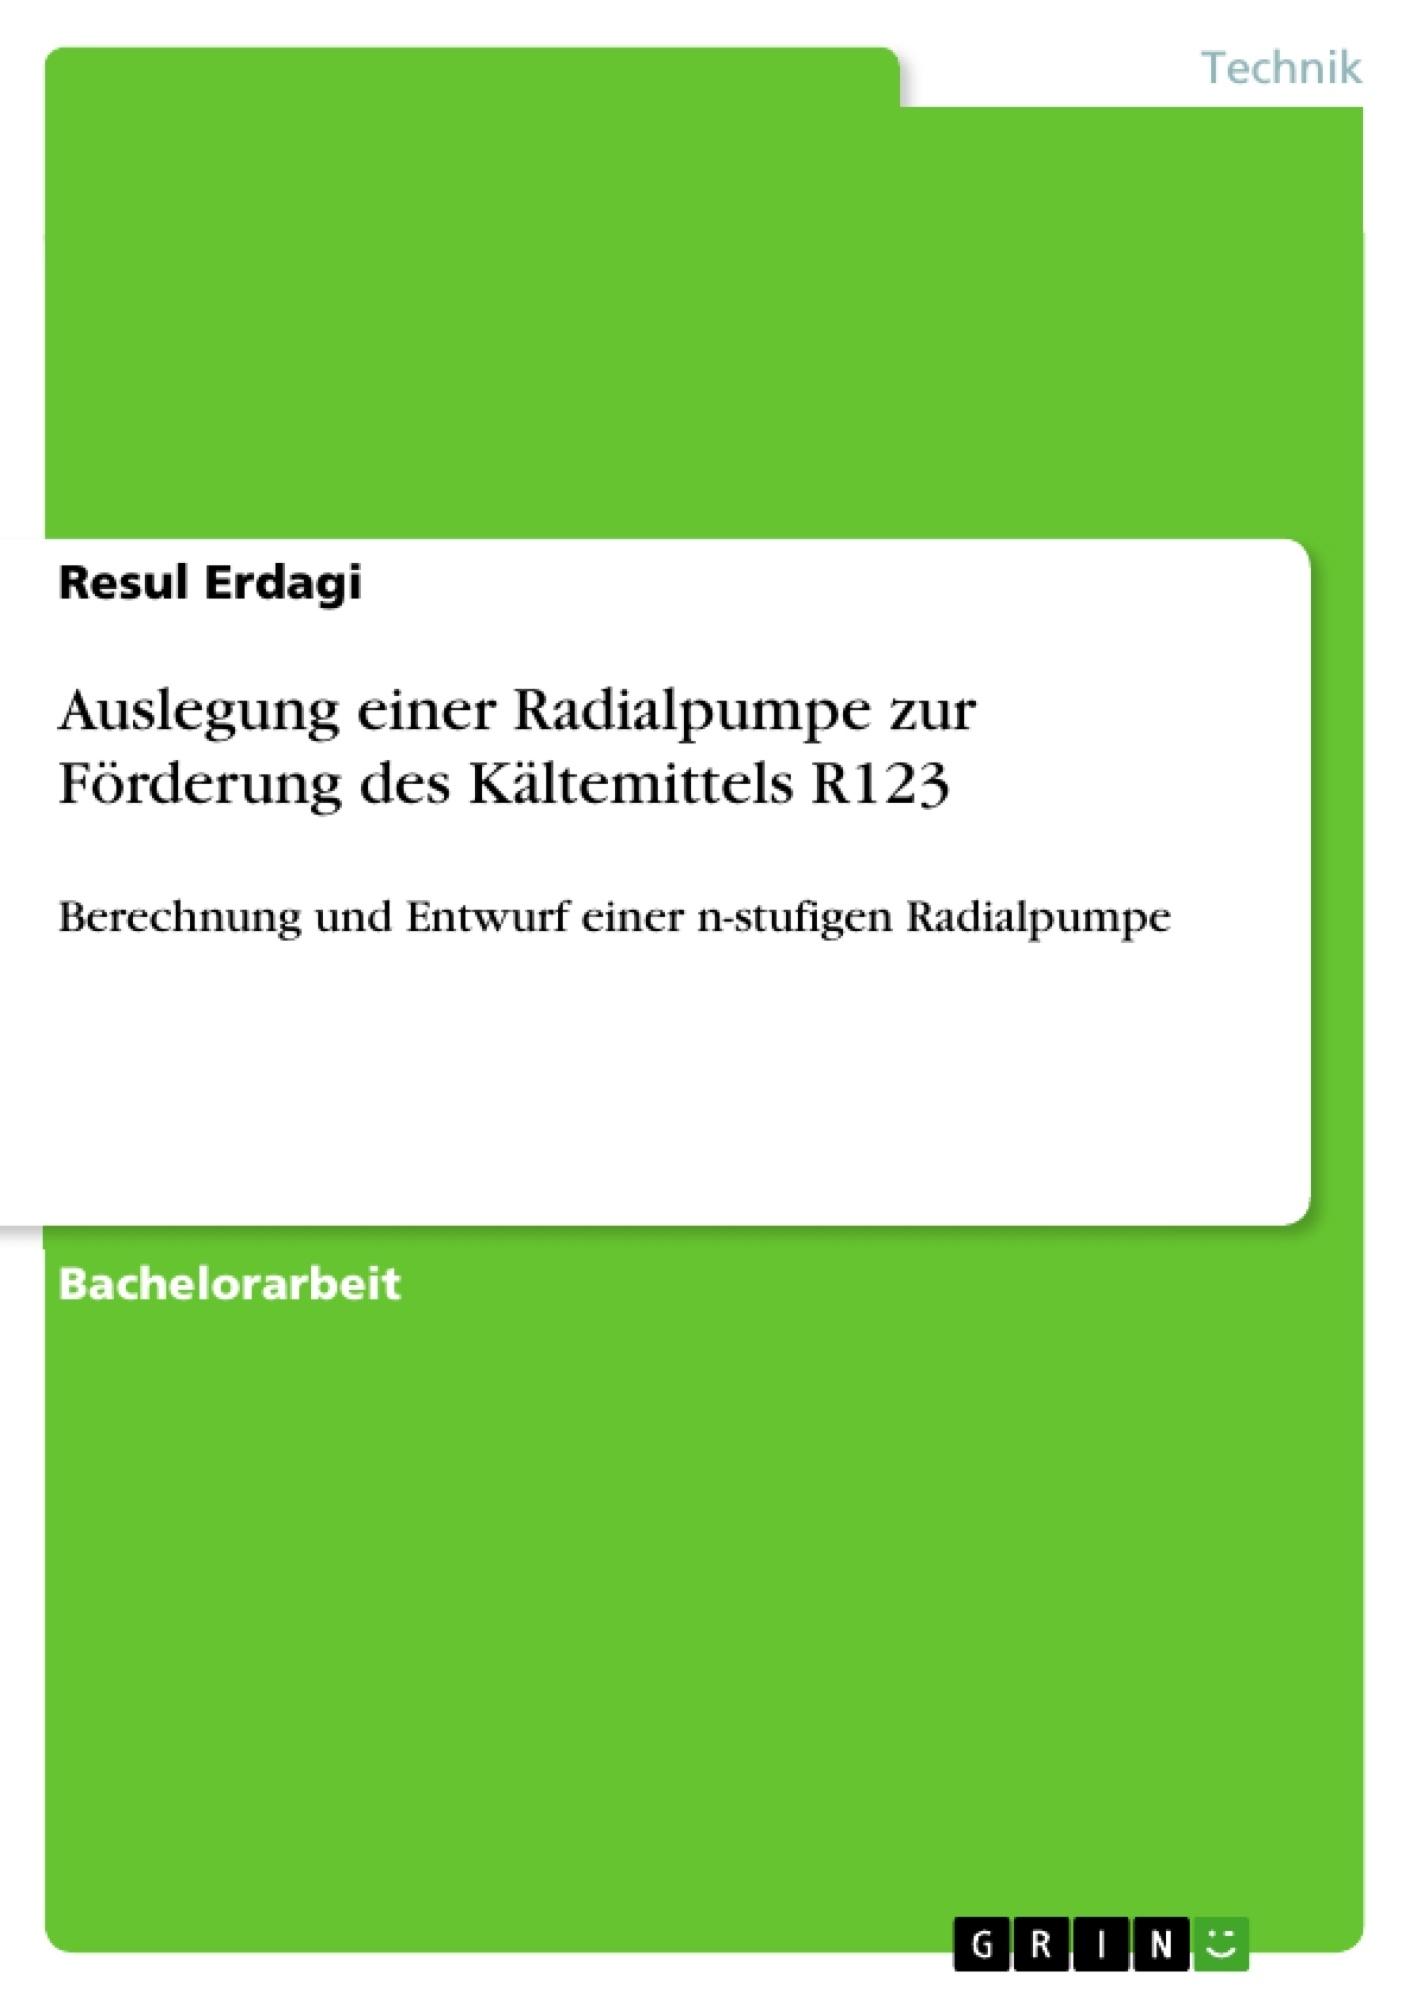 Titel: Auslegung einer Radialpumpe zur Förderung des Kältemittels R123